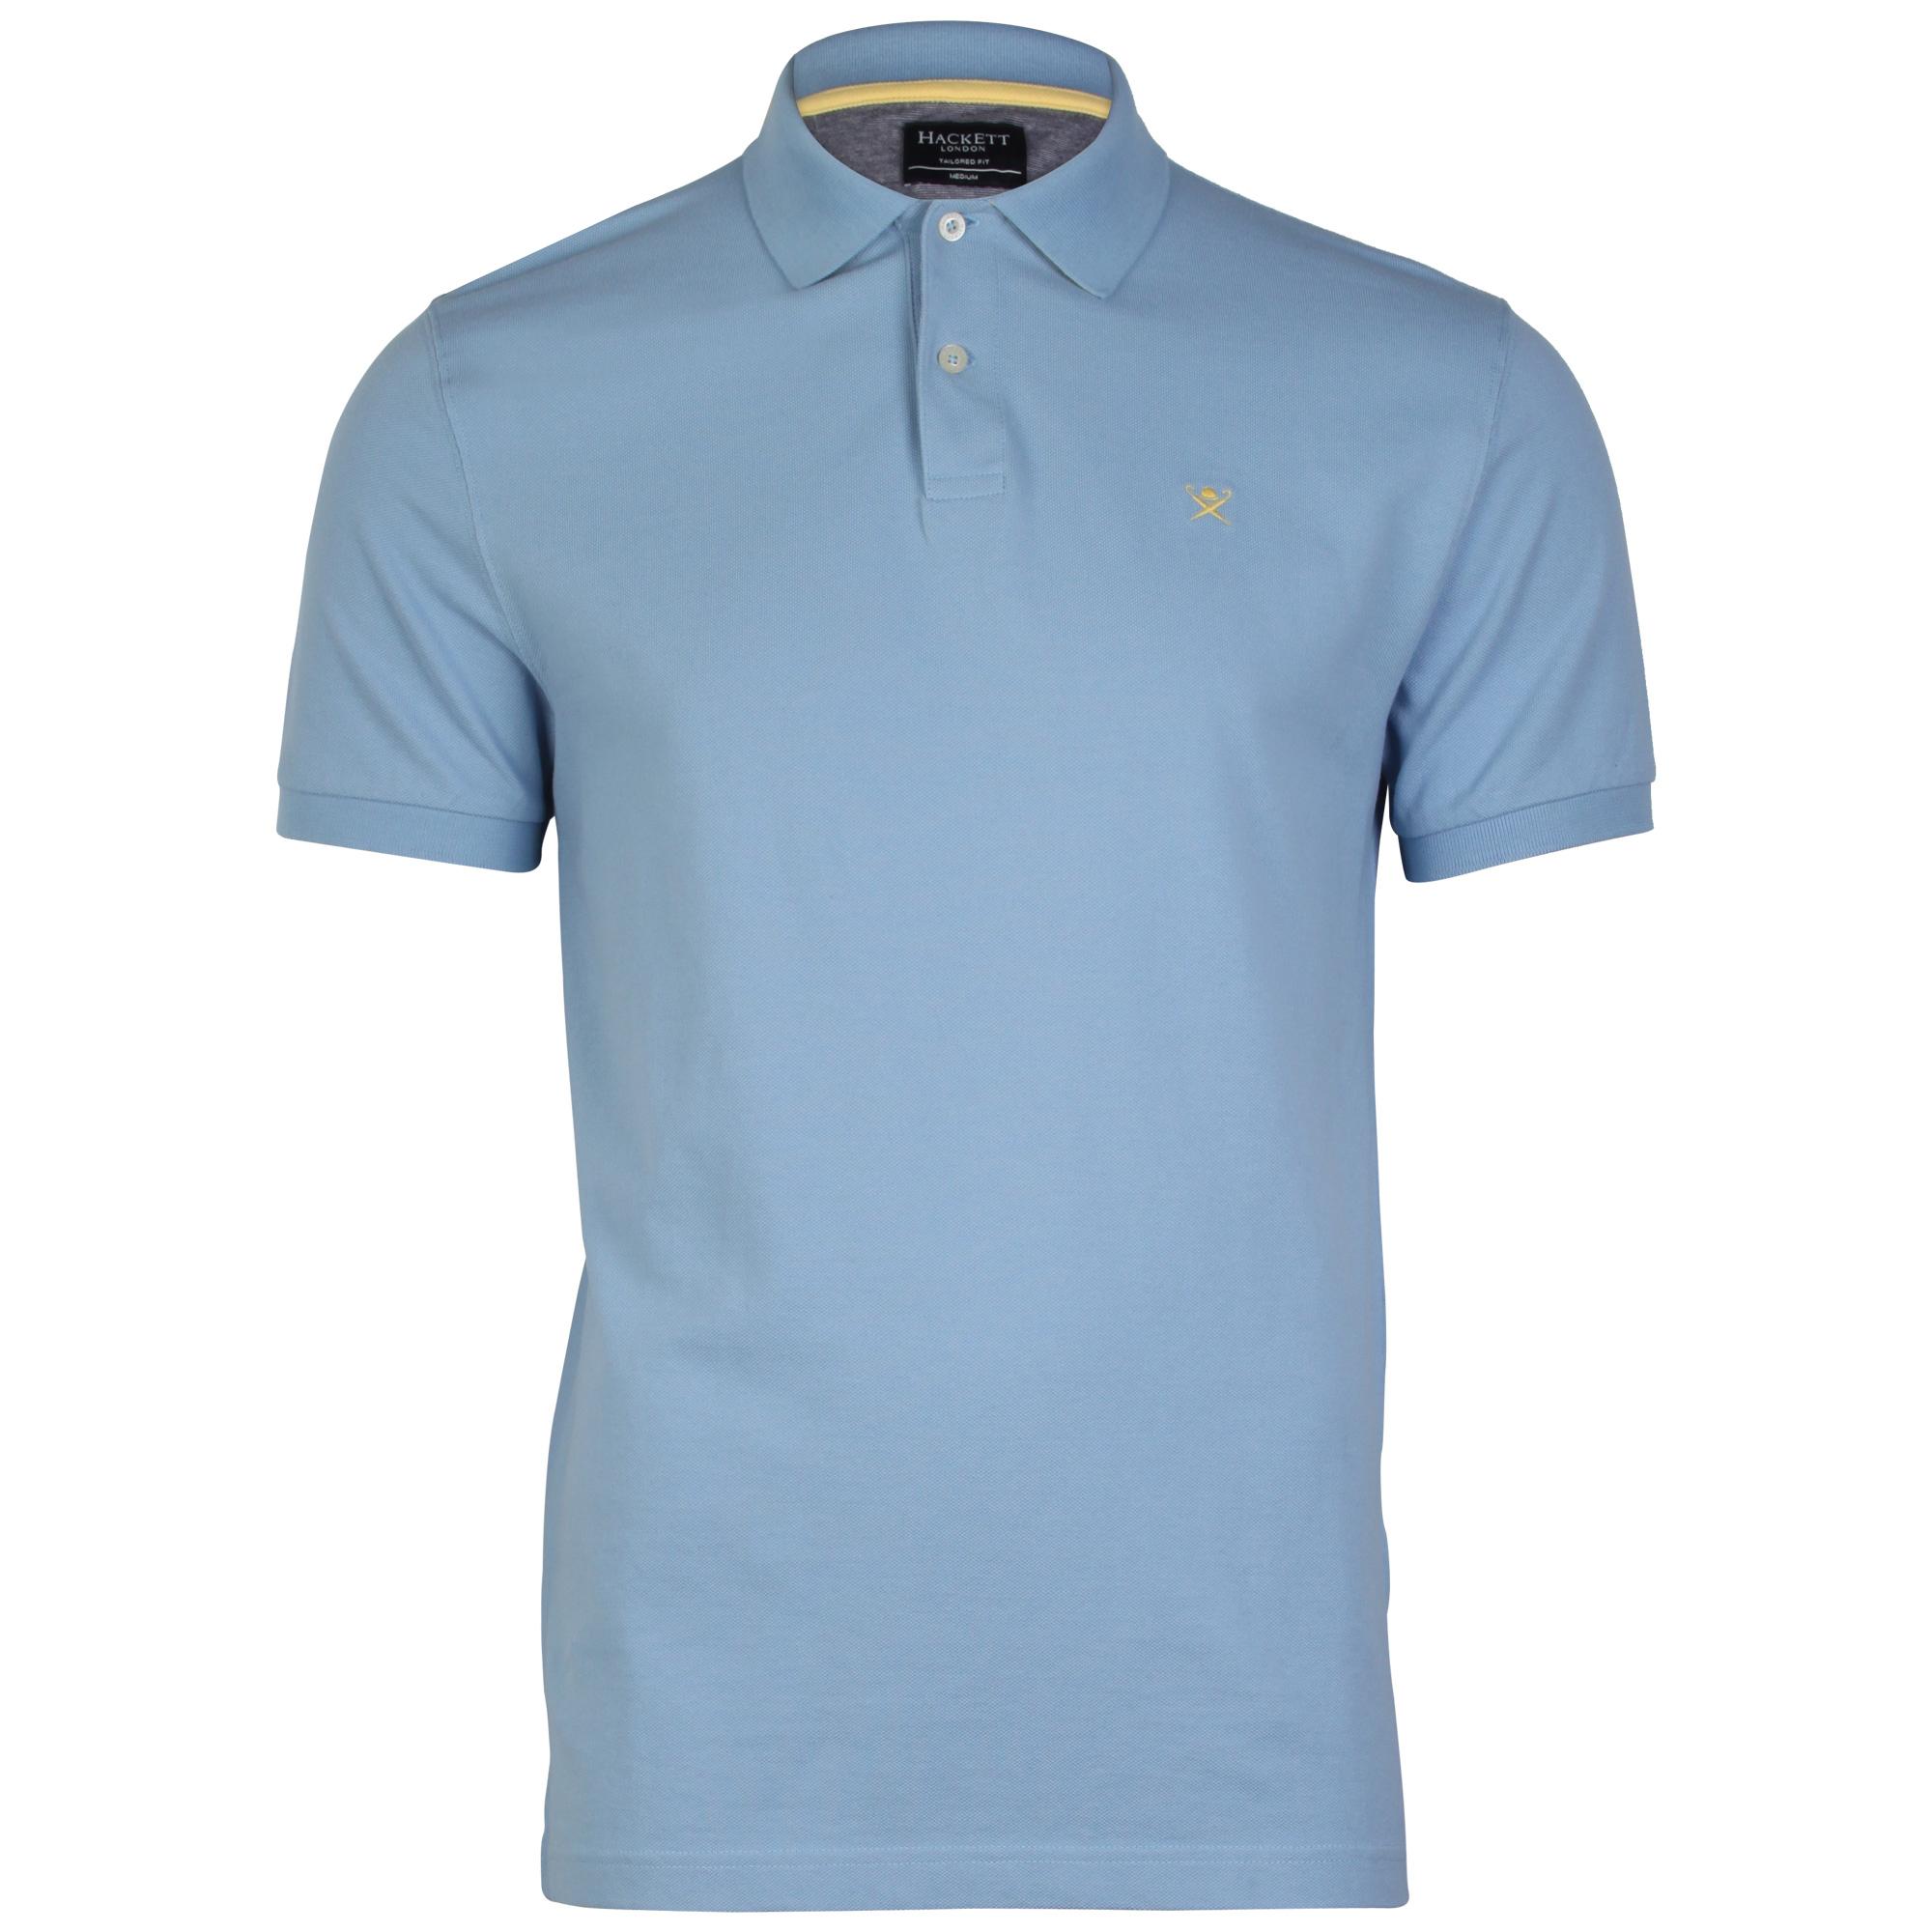 Hackett tailored logo mens polo shirt ebay for Polo shirt with fish logo